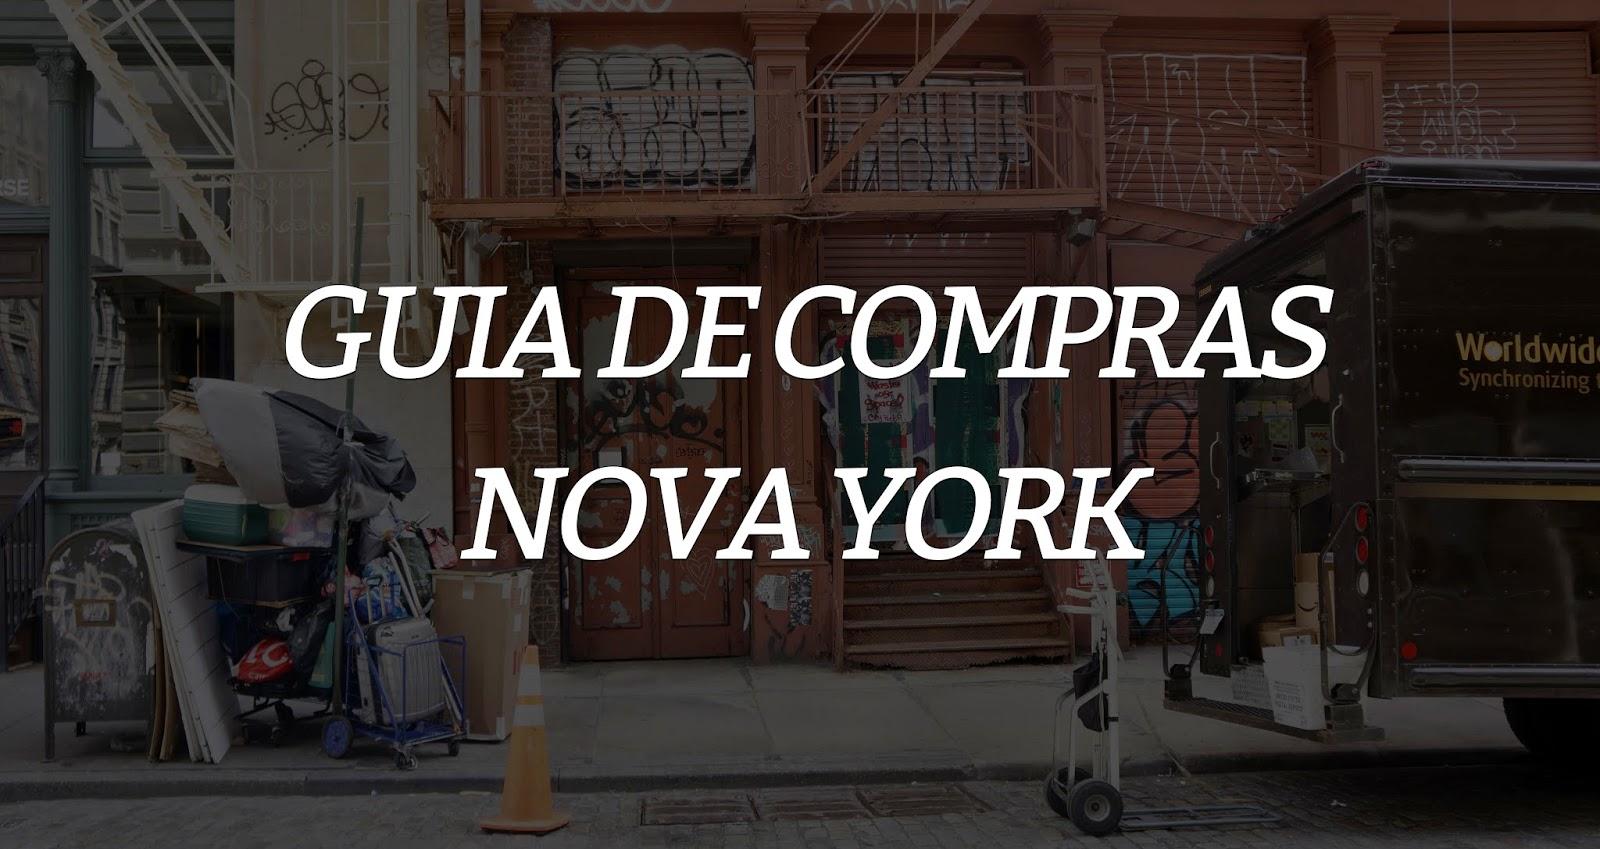 guia de compras ny 3 - Guia de compras: Nova Iorque (Parte 1)